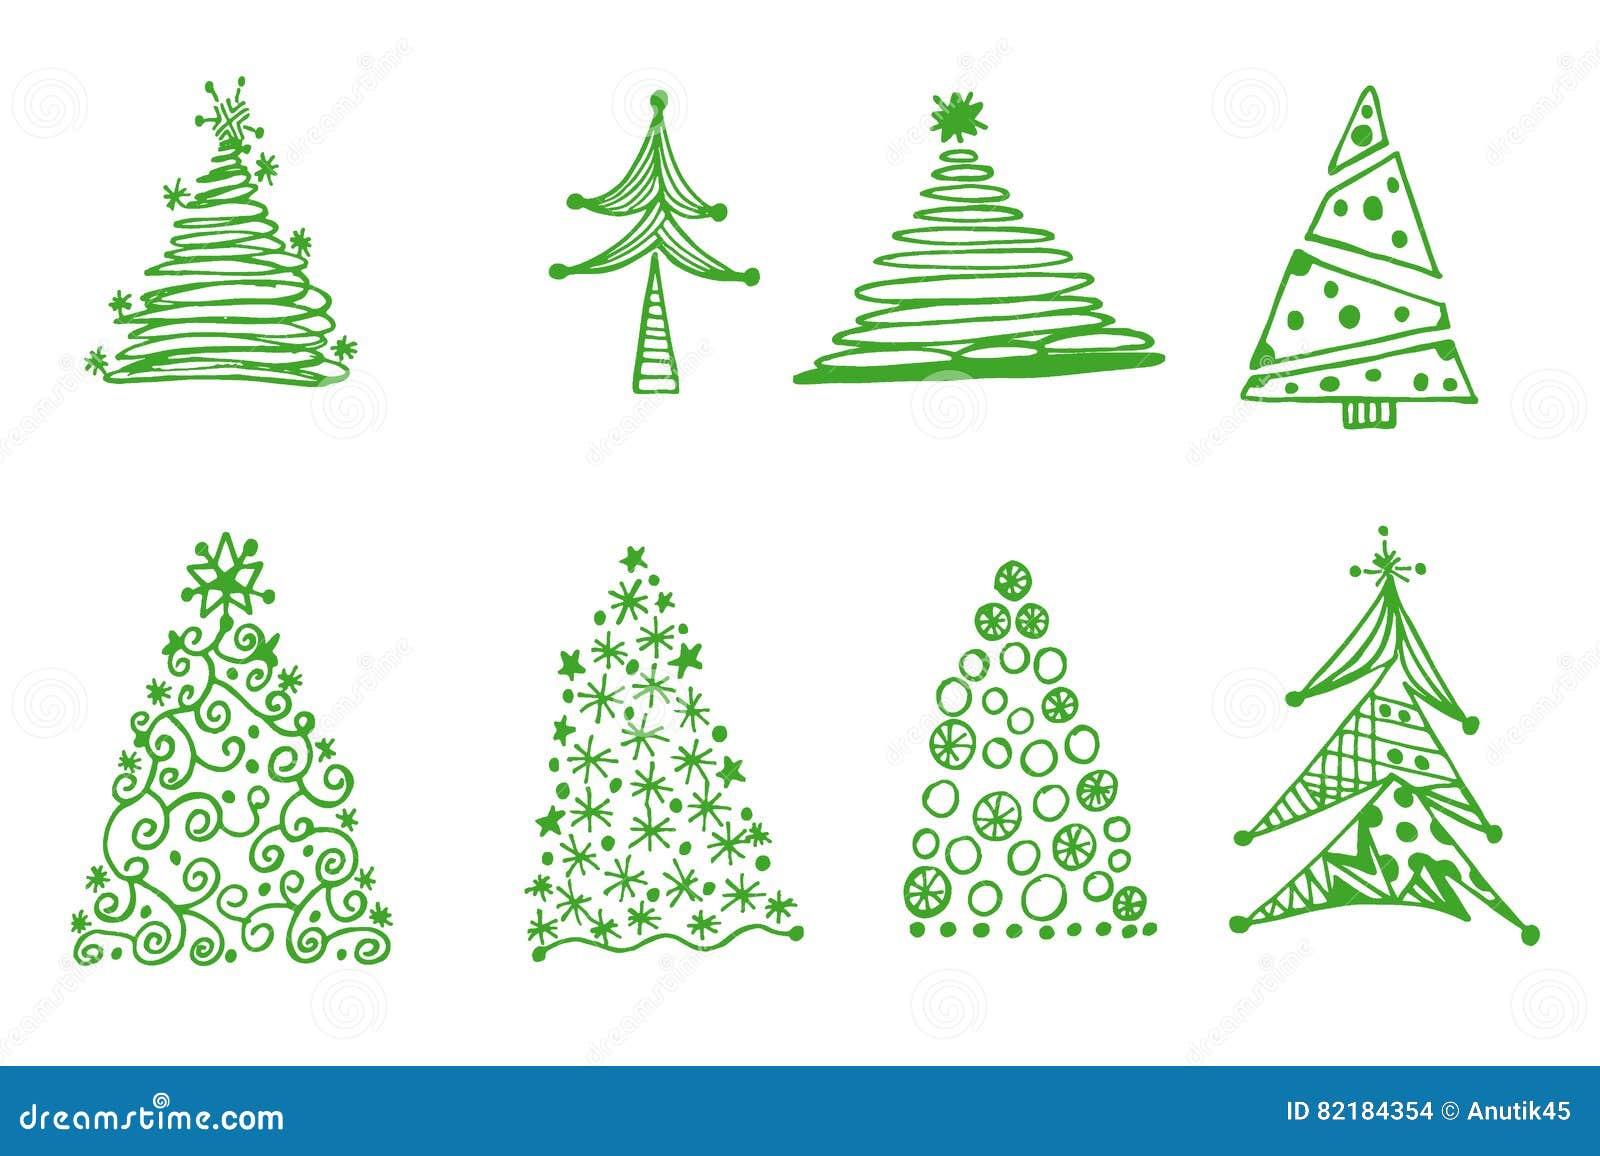 Disegni Di Natale Vettoriali.Insieme Degli Alberi Di Natale Disegni Della Mano